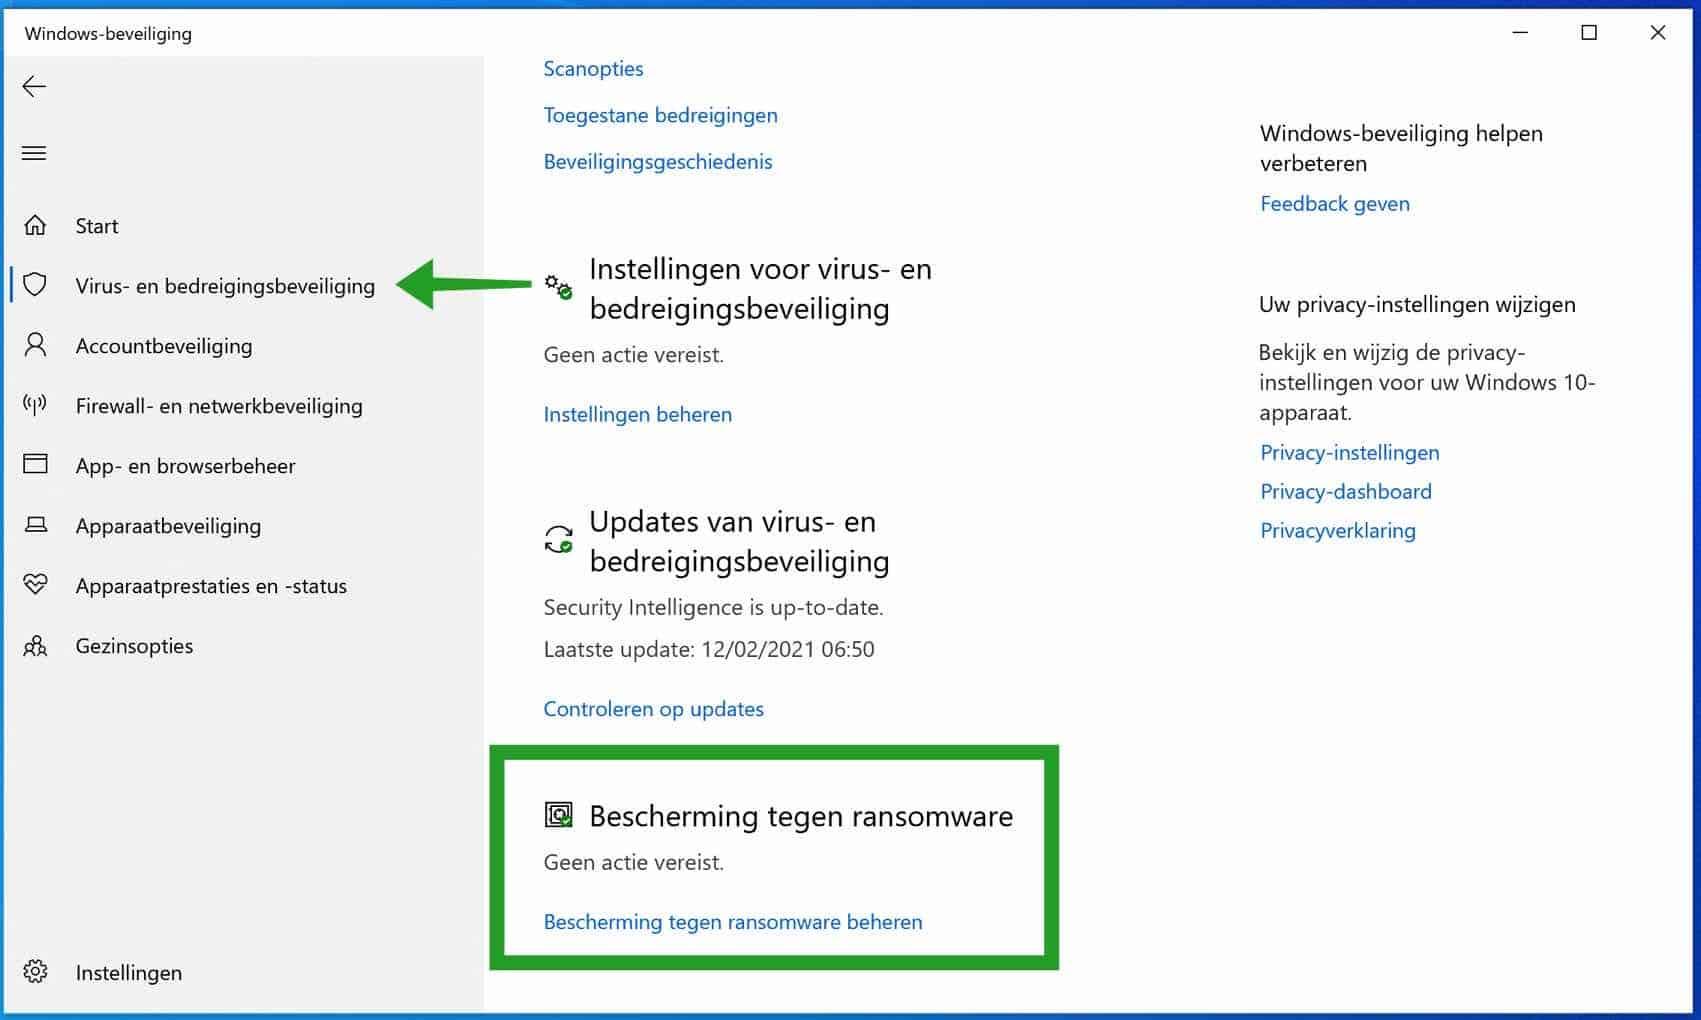 Bescherming tegen ransomware instellingen in windows